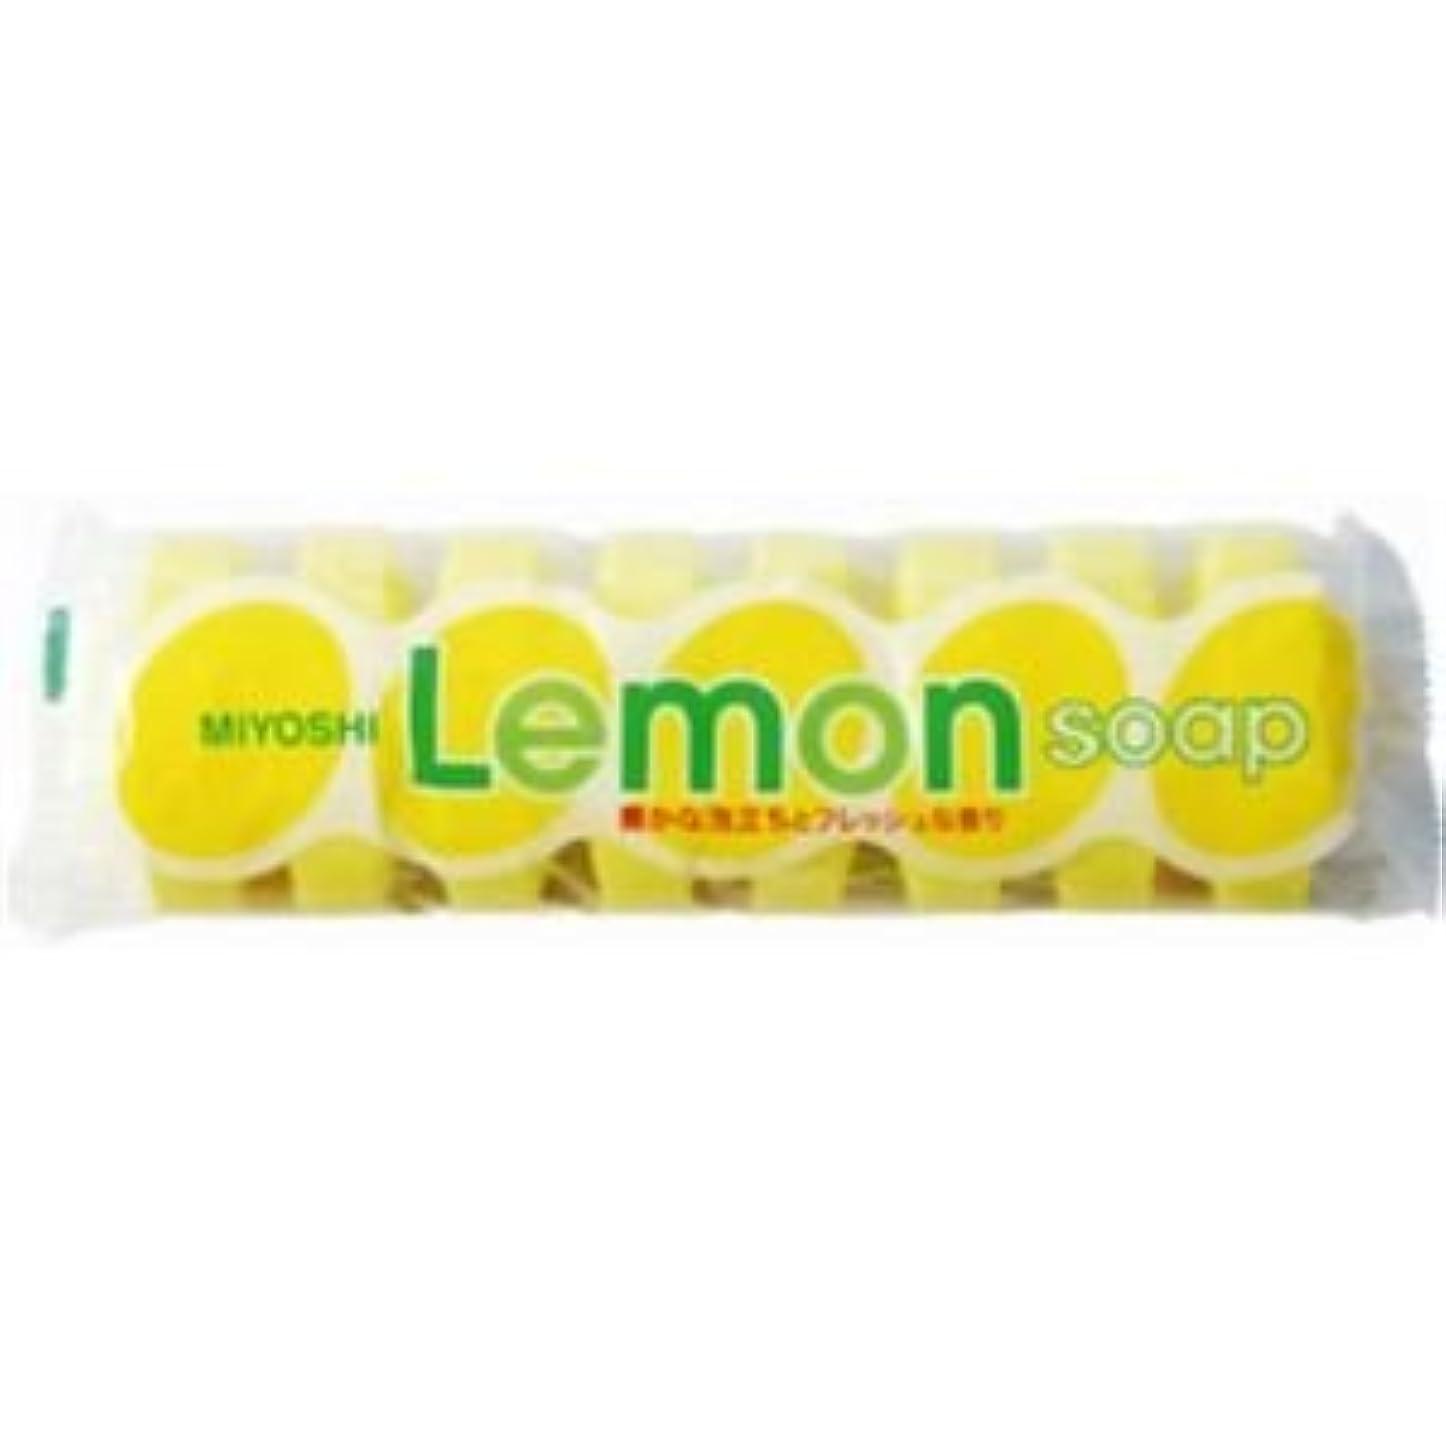 良心的にはまって汚れたミヨシ レモンソープ 45g×8個入 11セット